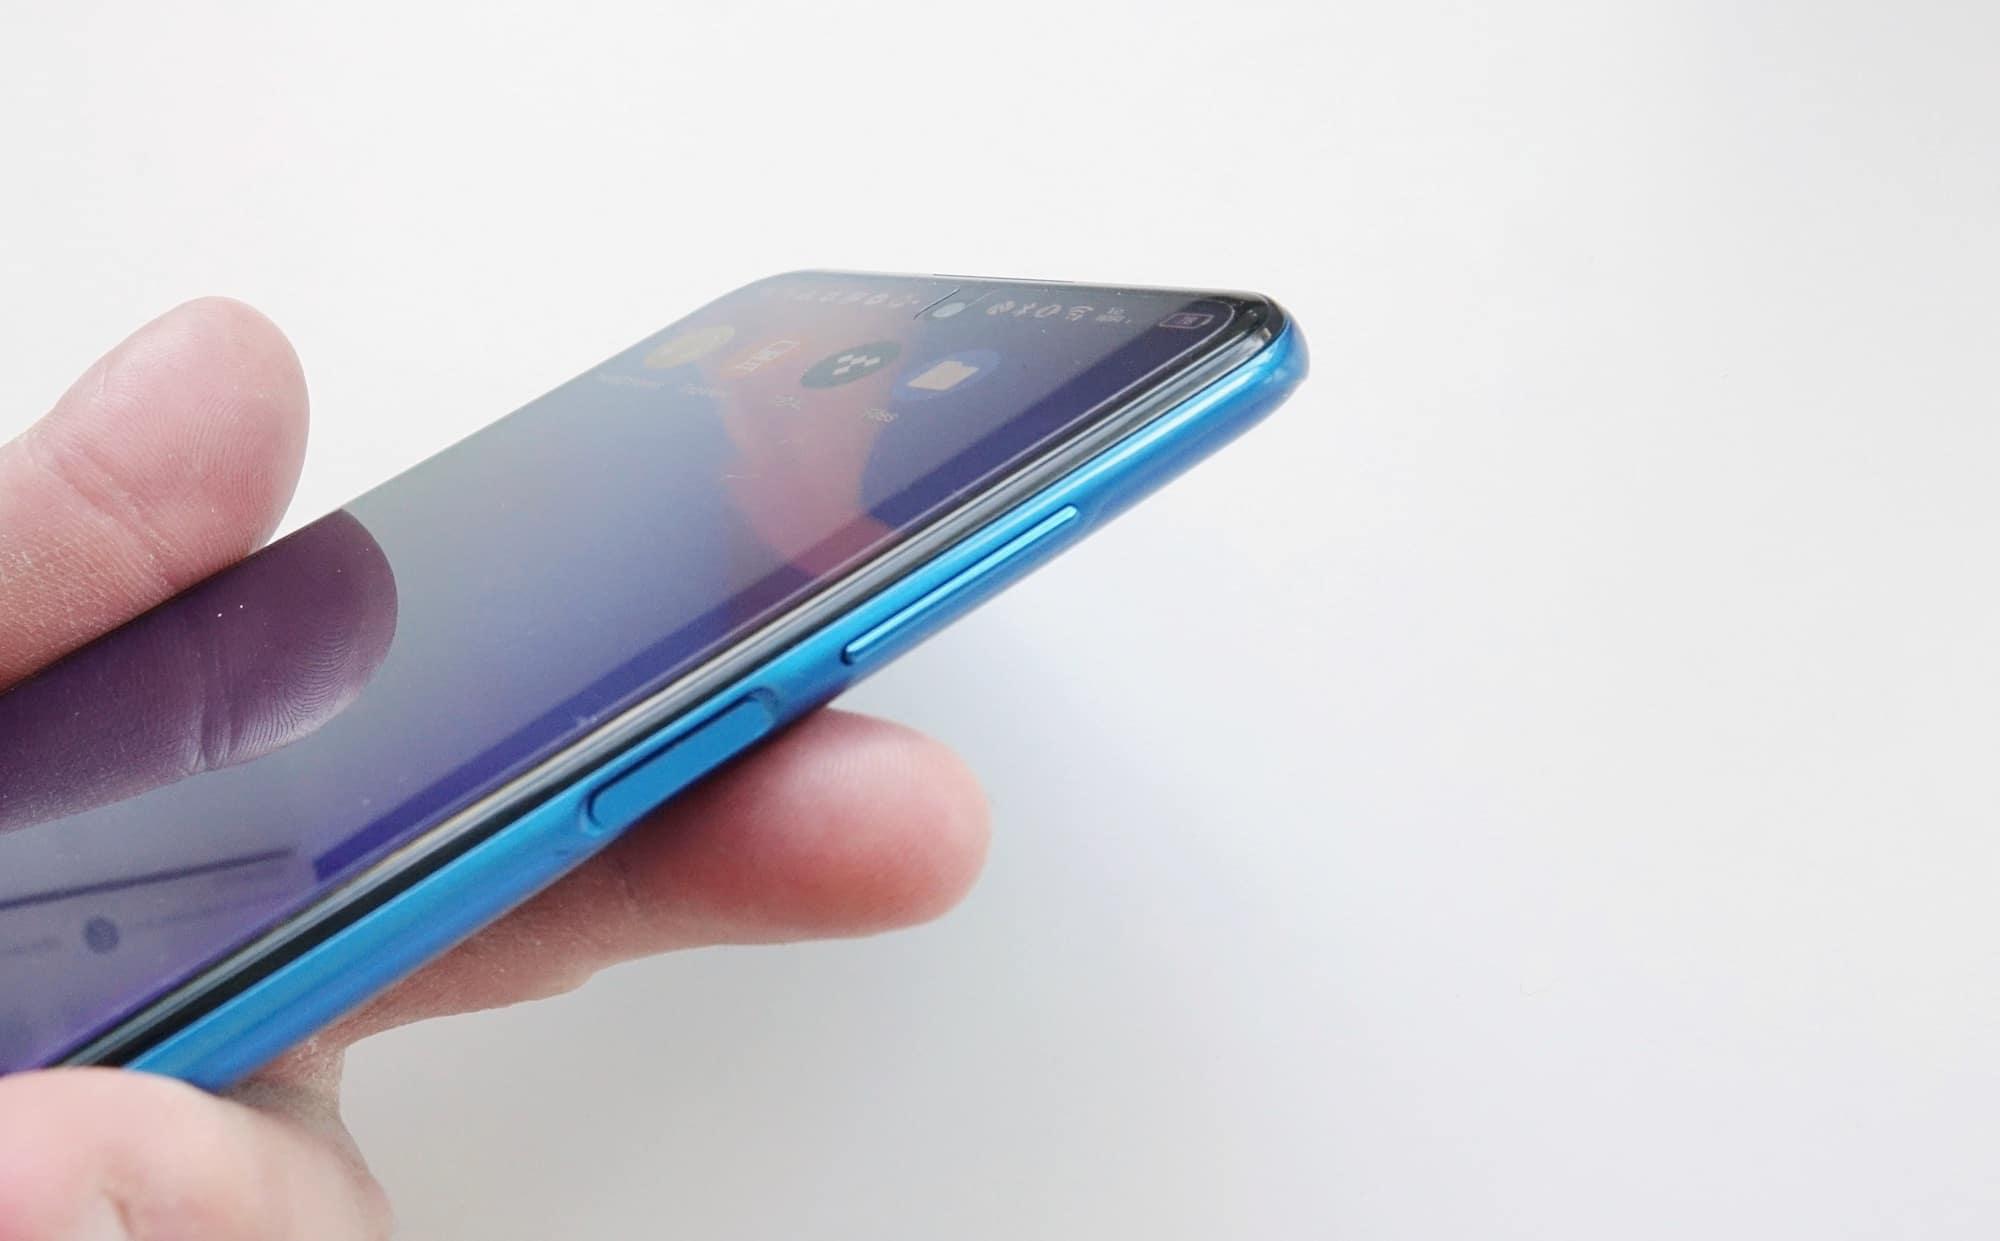 The fingerprint sensor in the TCL 20 5G.